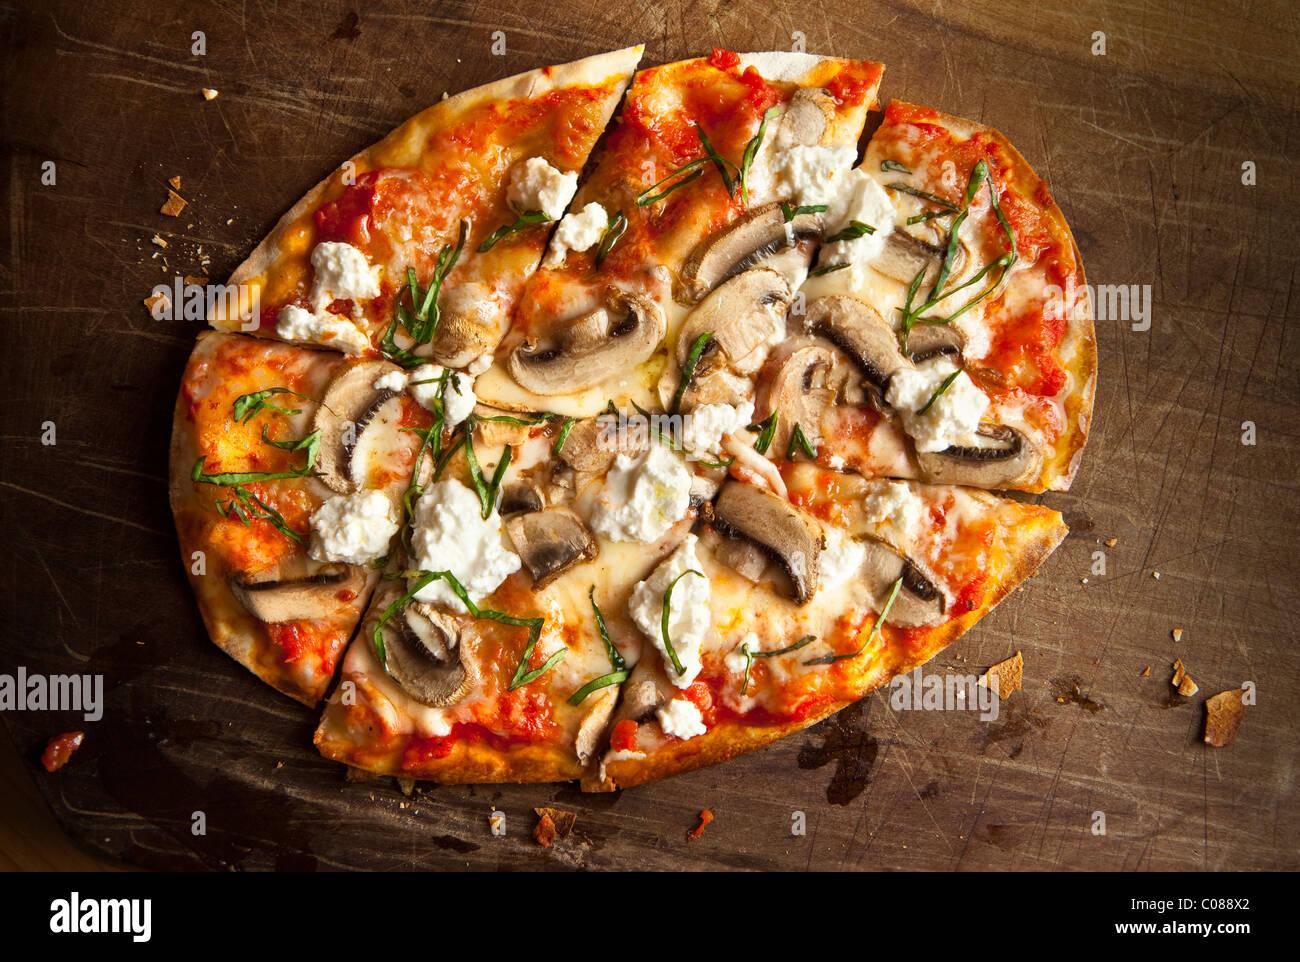 Delgado y corteza crujiente Pizza con mozzarella, champiñones, queso de cabra y Albahaca preparado por Gianni Imagen De Stock